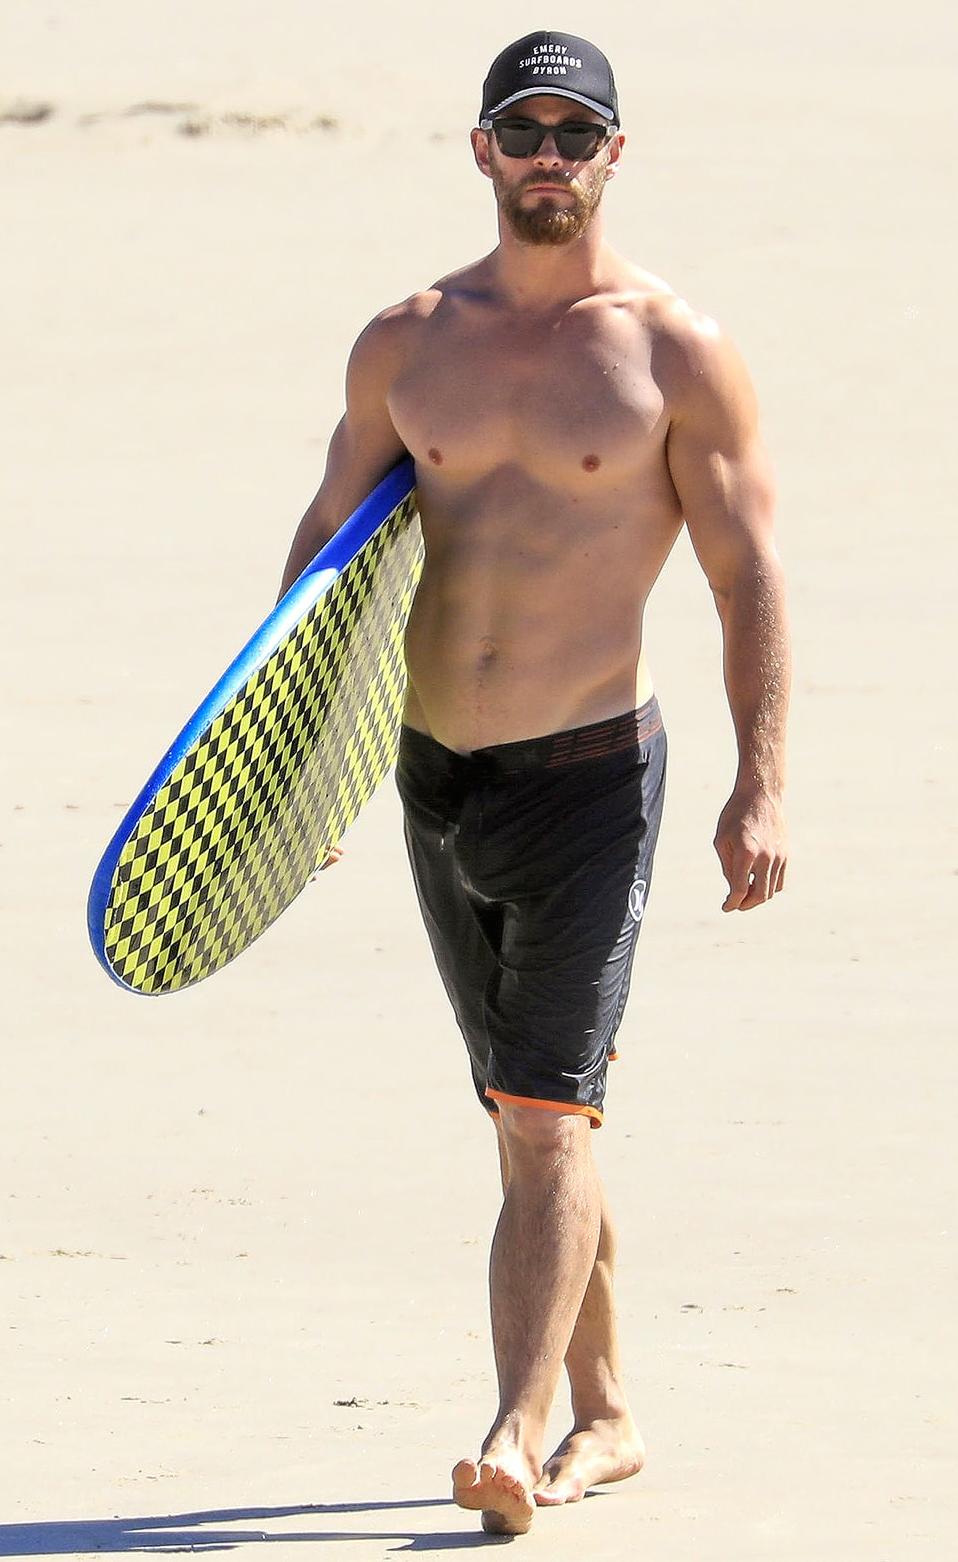 Chris Hemsworth Shirtless Surfing 1 Png 958 1 562 Pixels Chris Hemsworth Shirtless Chris Hemsworth Hemsworth